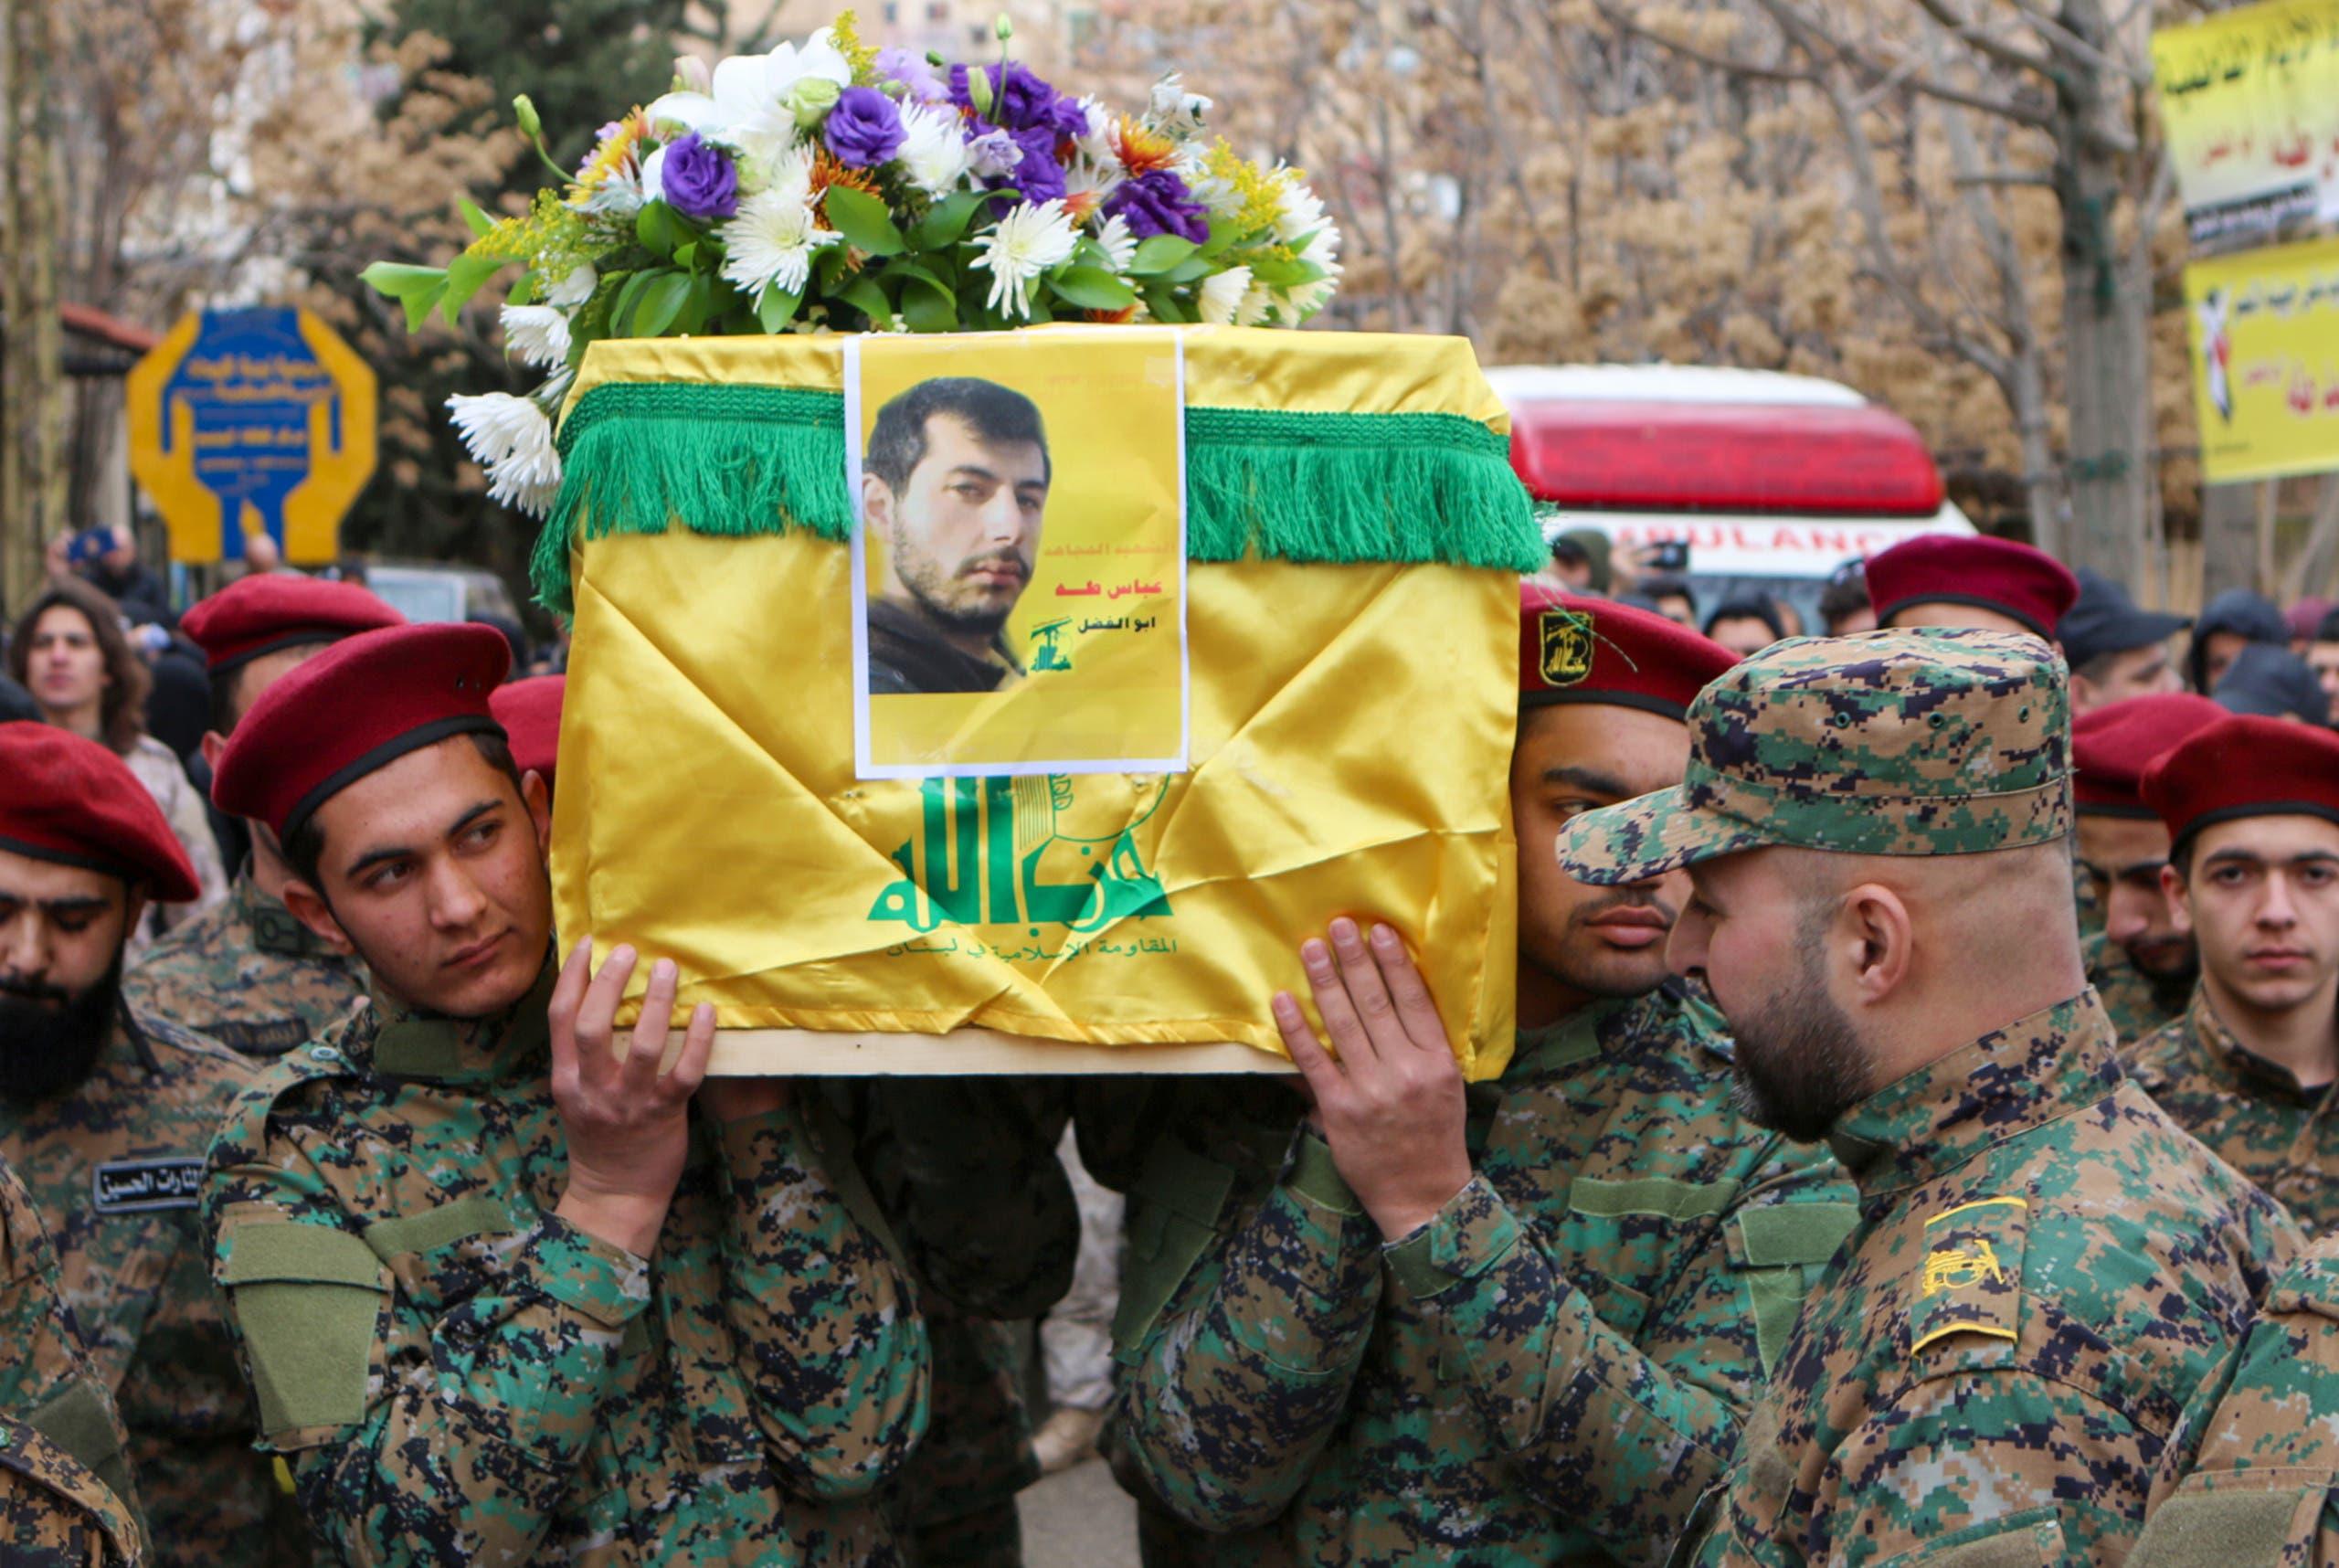 تشييع أحد عناصر حزب الله (أرشيفبية- فرانس برس)